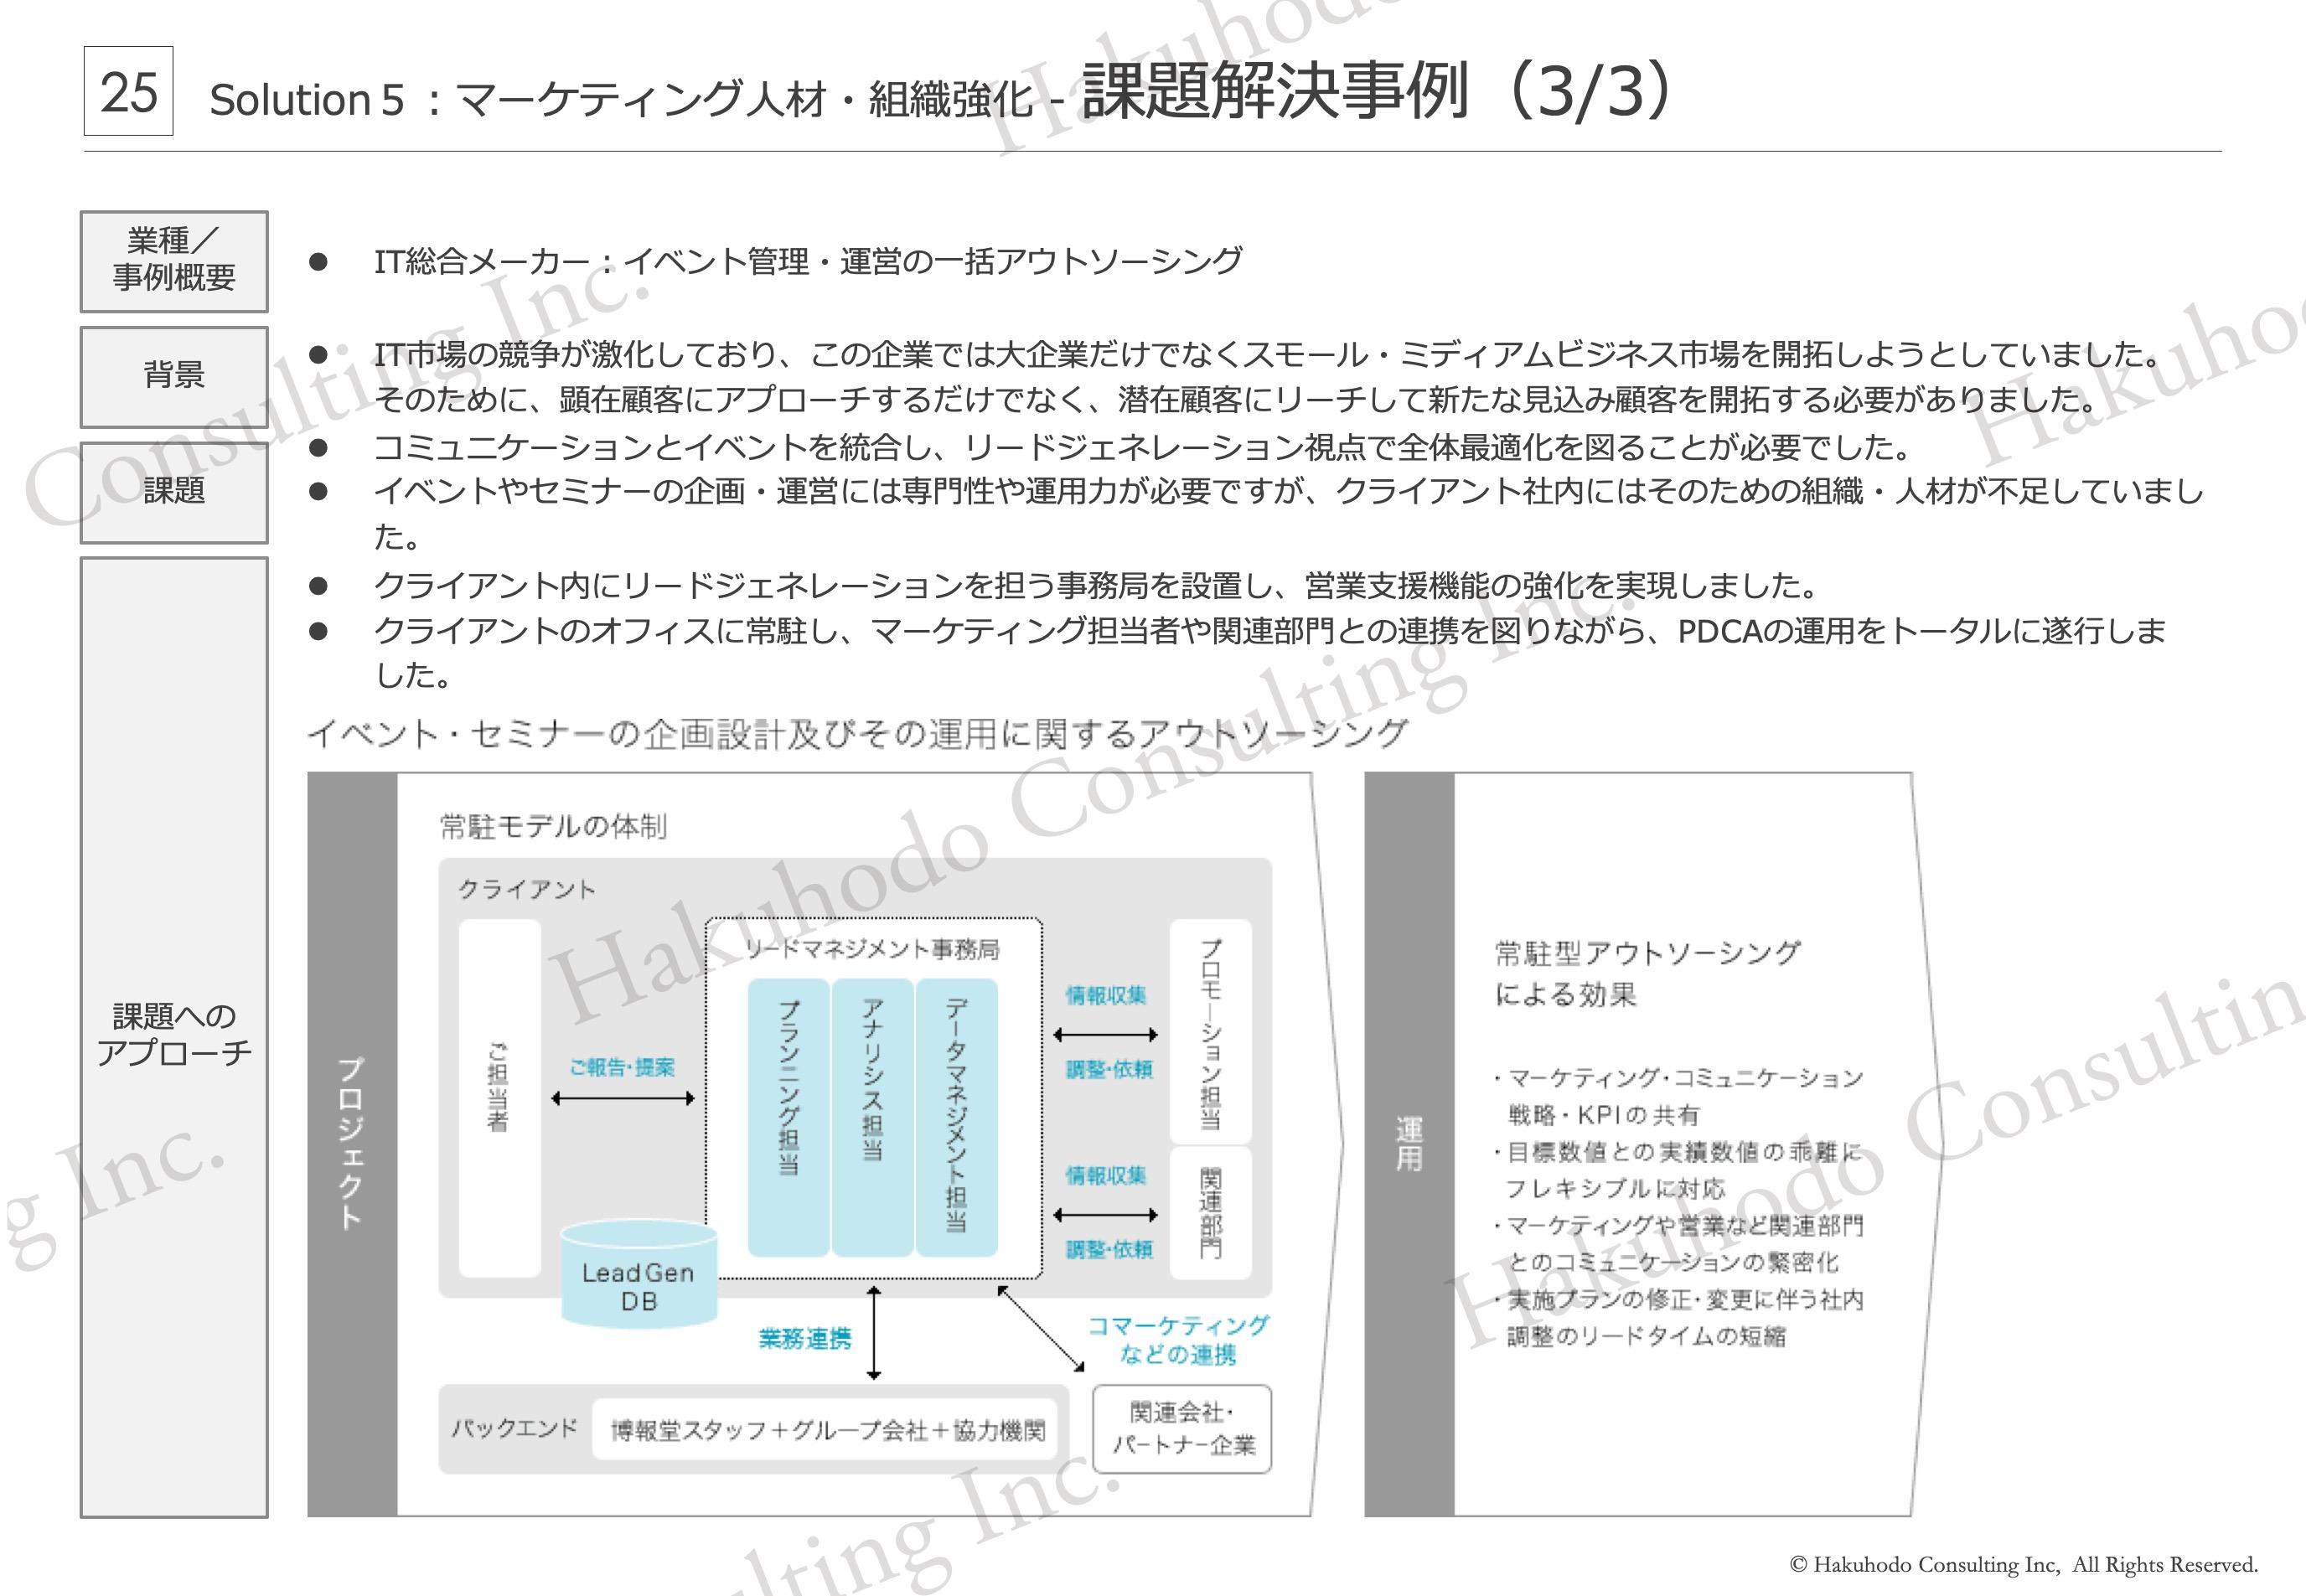 マーケティング人材・組織強化- 課題解決事例(3/3)